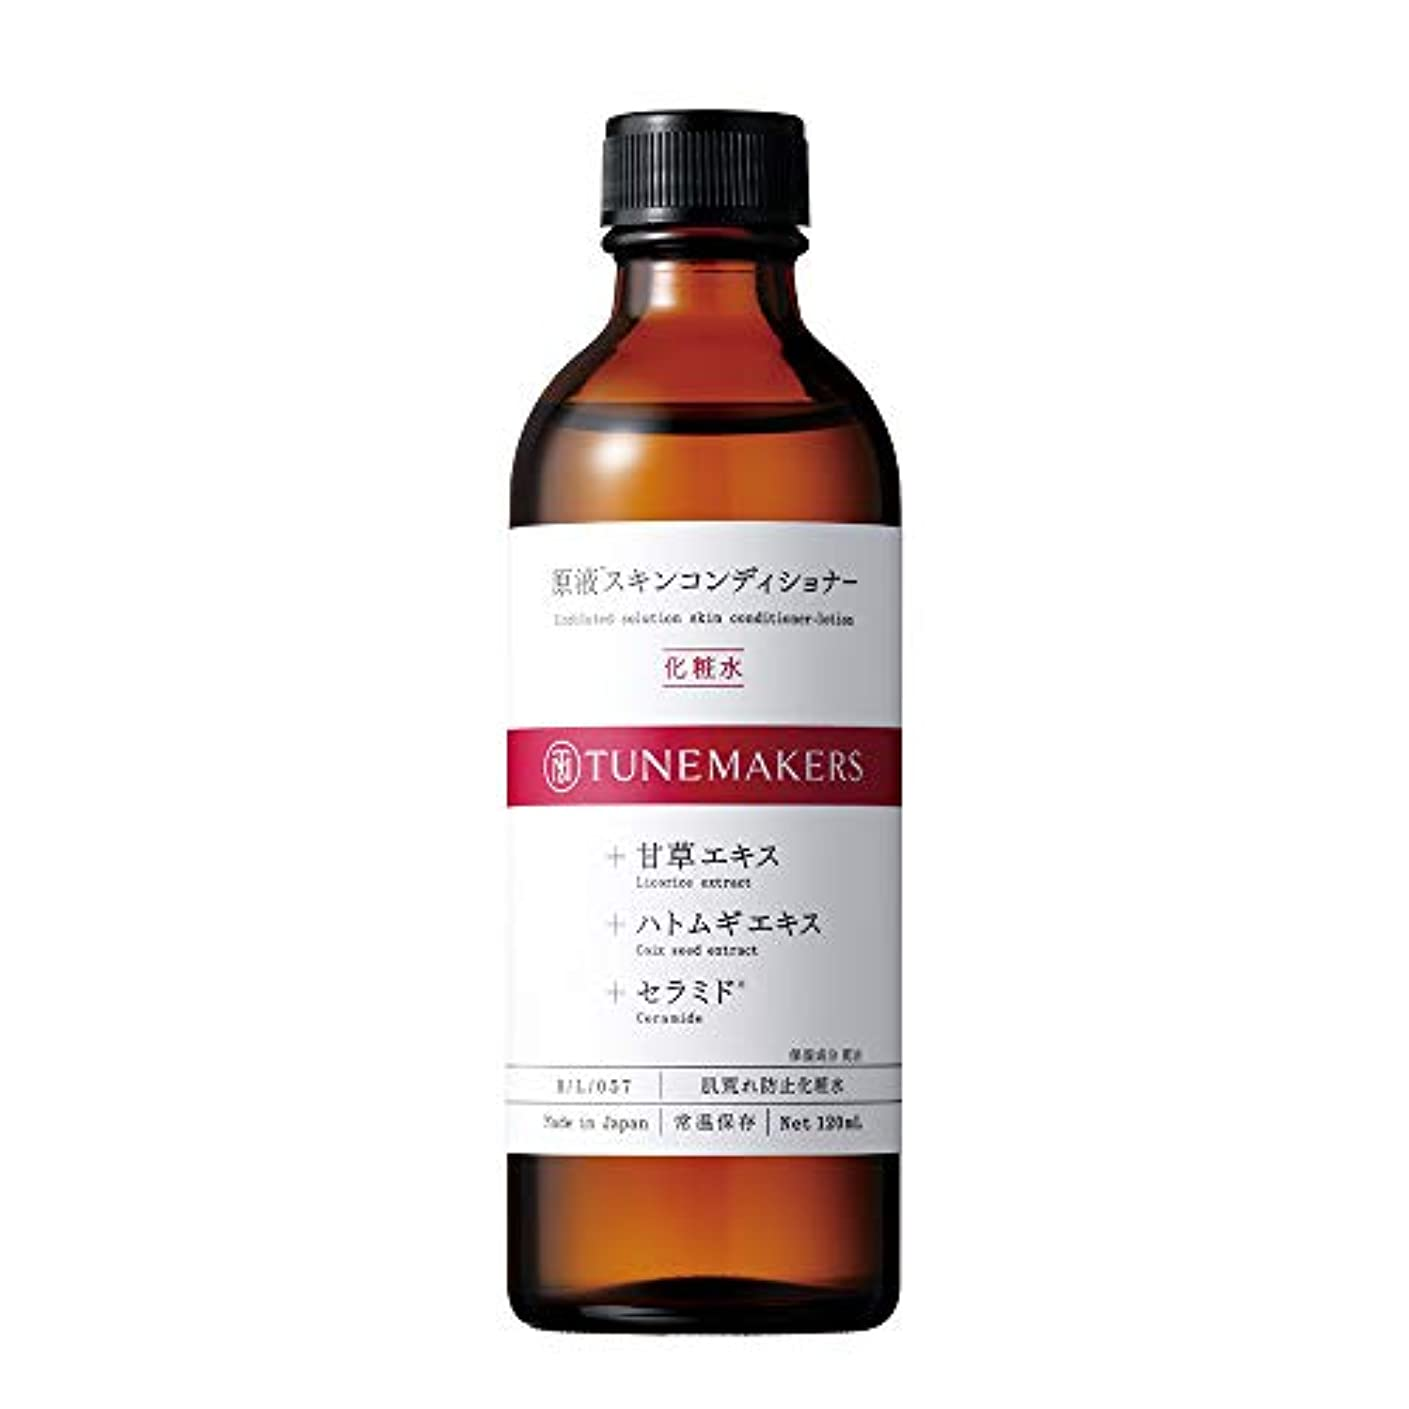 あご定説ラバTUNEMAKERS(チューンメーカーズ) 原液スキンコンディショナー化粧水 120ml